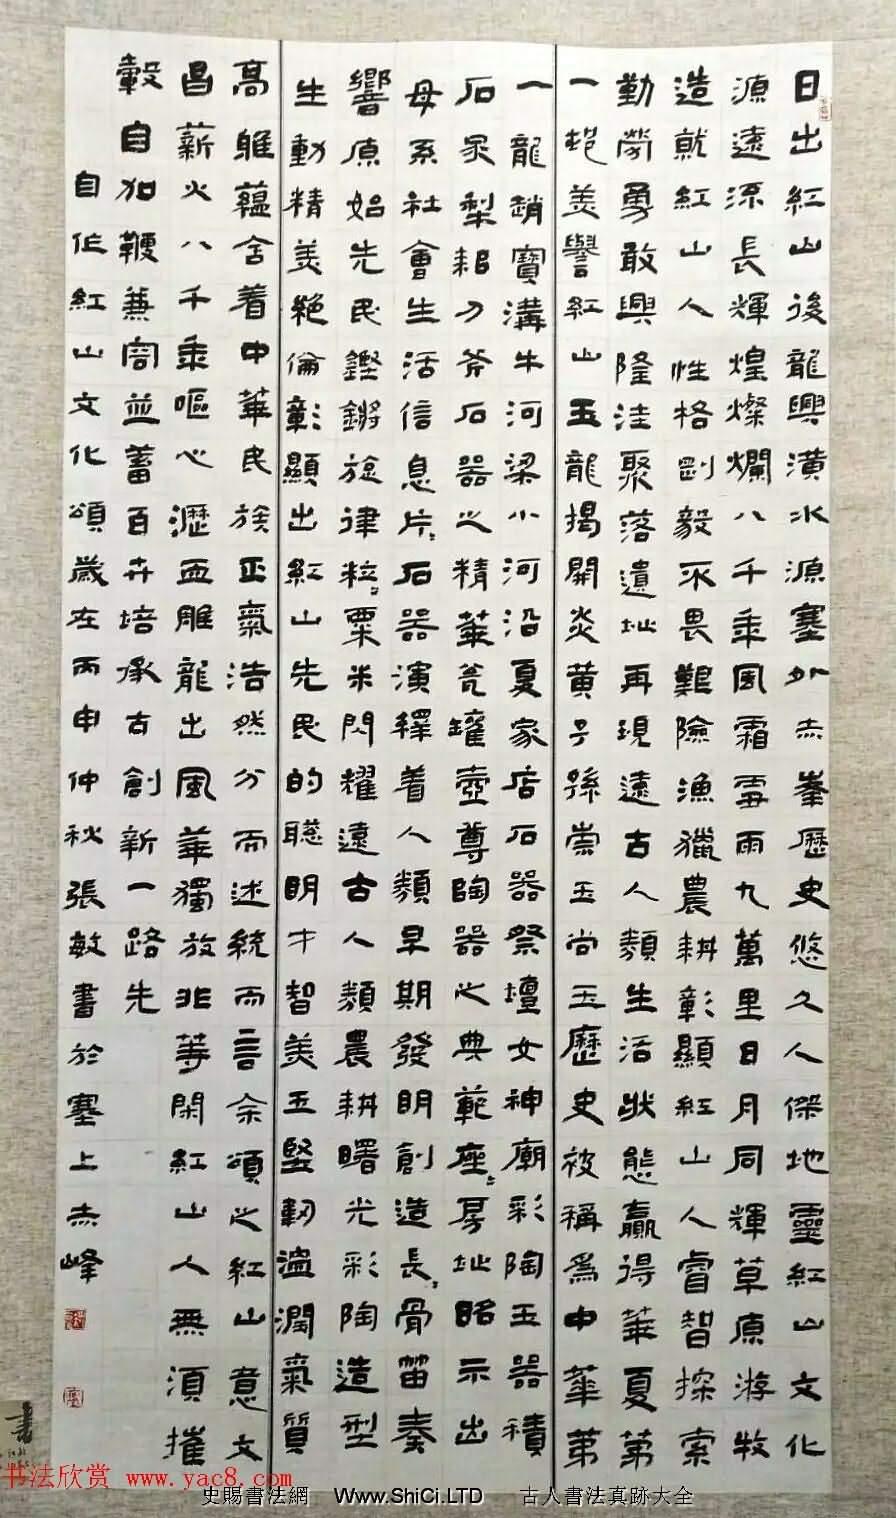 第八屆中國書壇新人作品展覽入展作品選刊